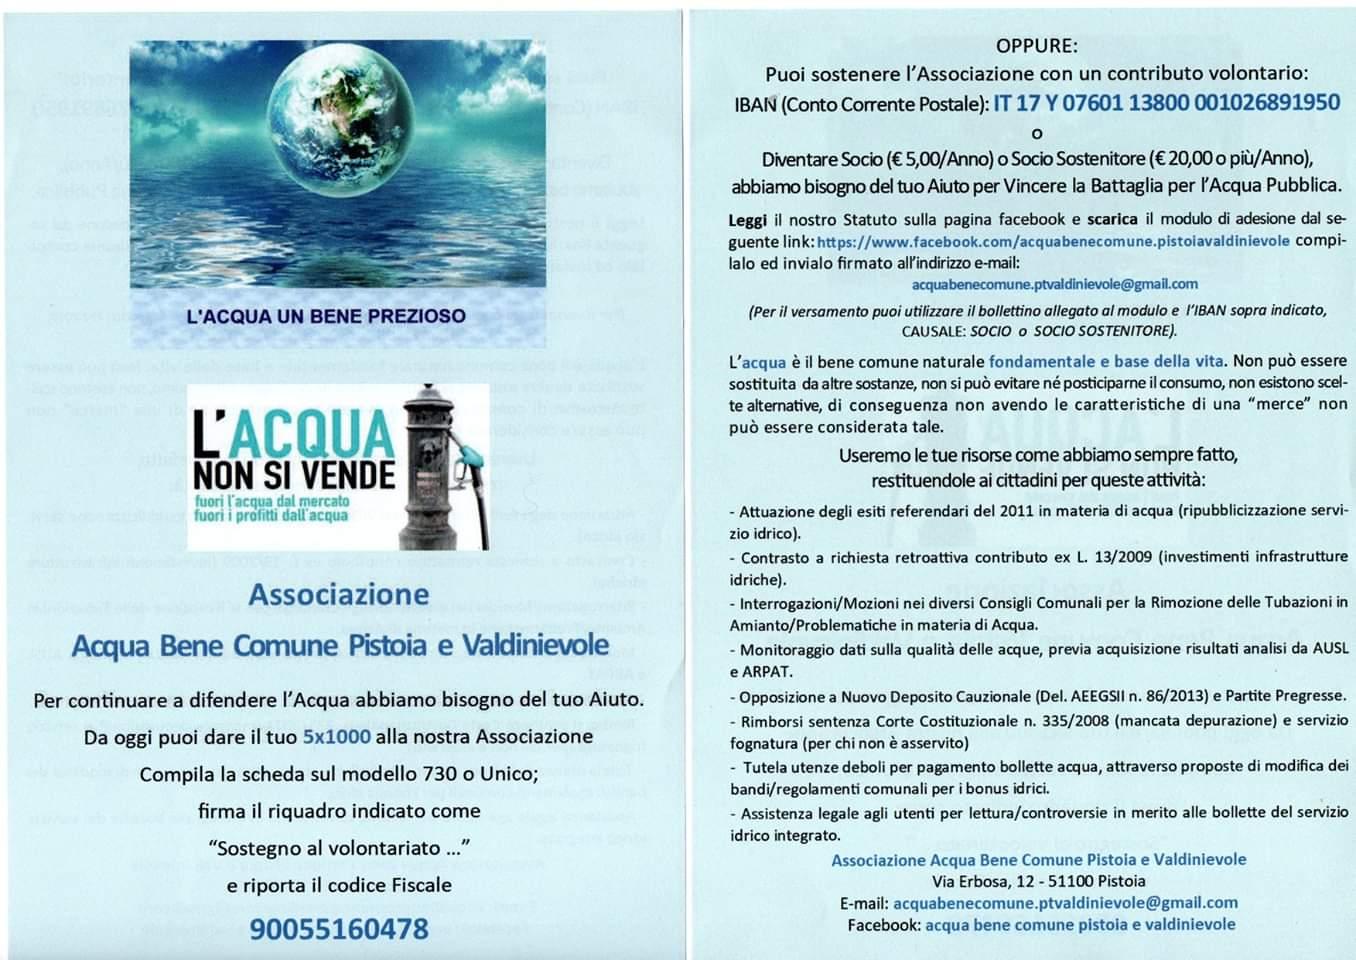 donazioni-5x1000-acqua-pistoia